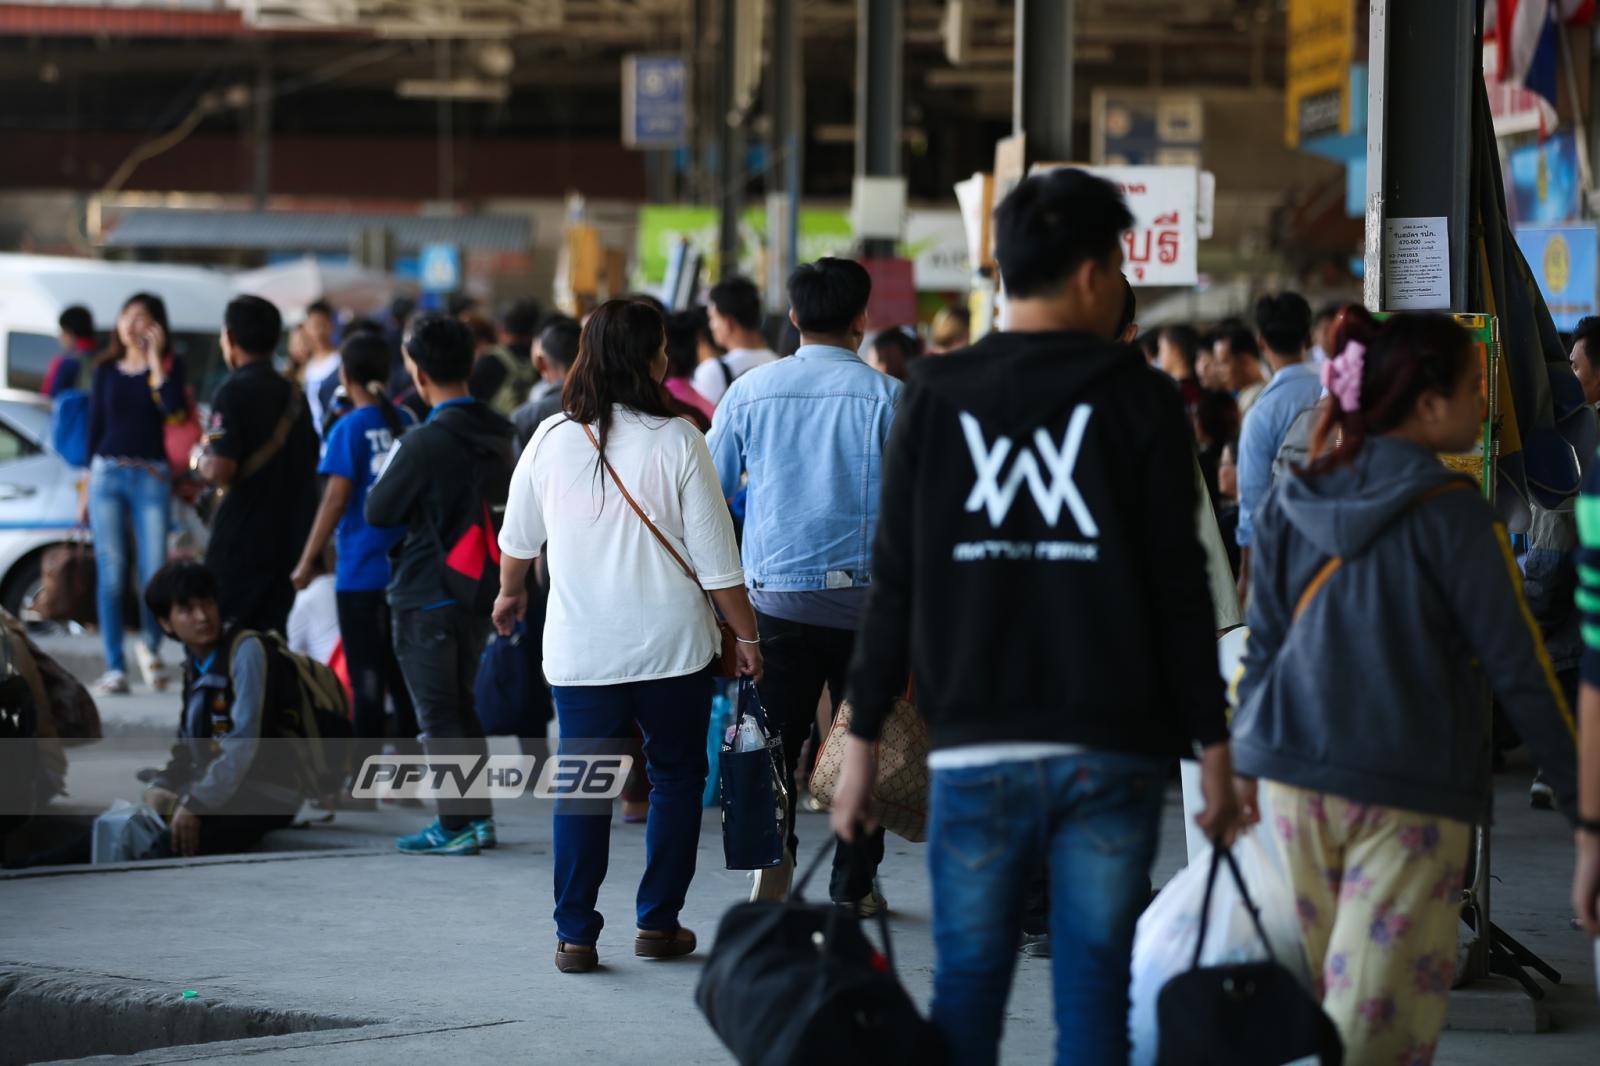 ประชาชนทยอยเดินทางเข้ากรุงเทพฯ รับวันทำงานวันแรกพรุ่งนี้